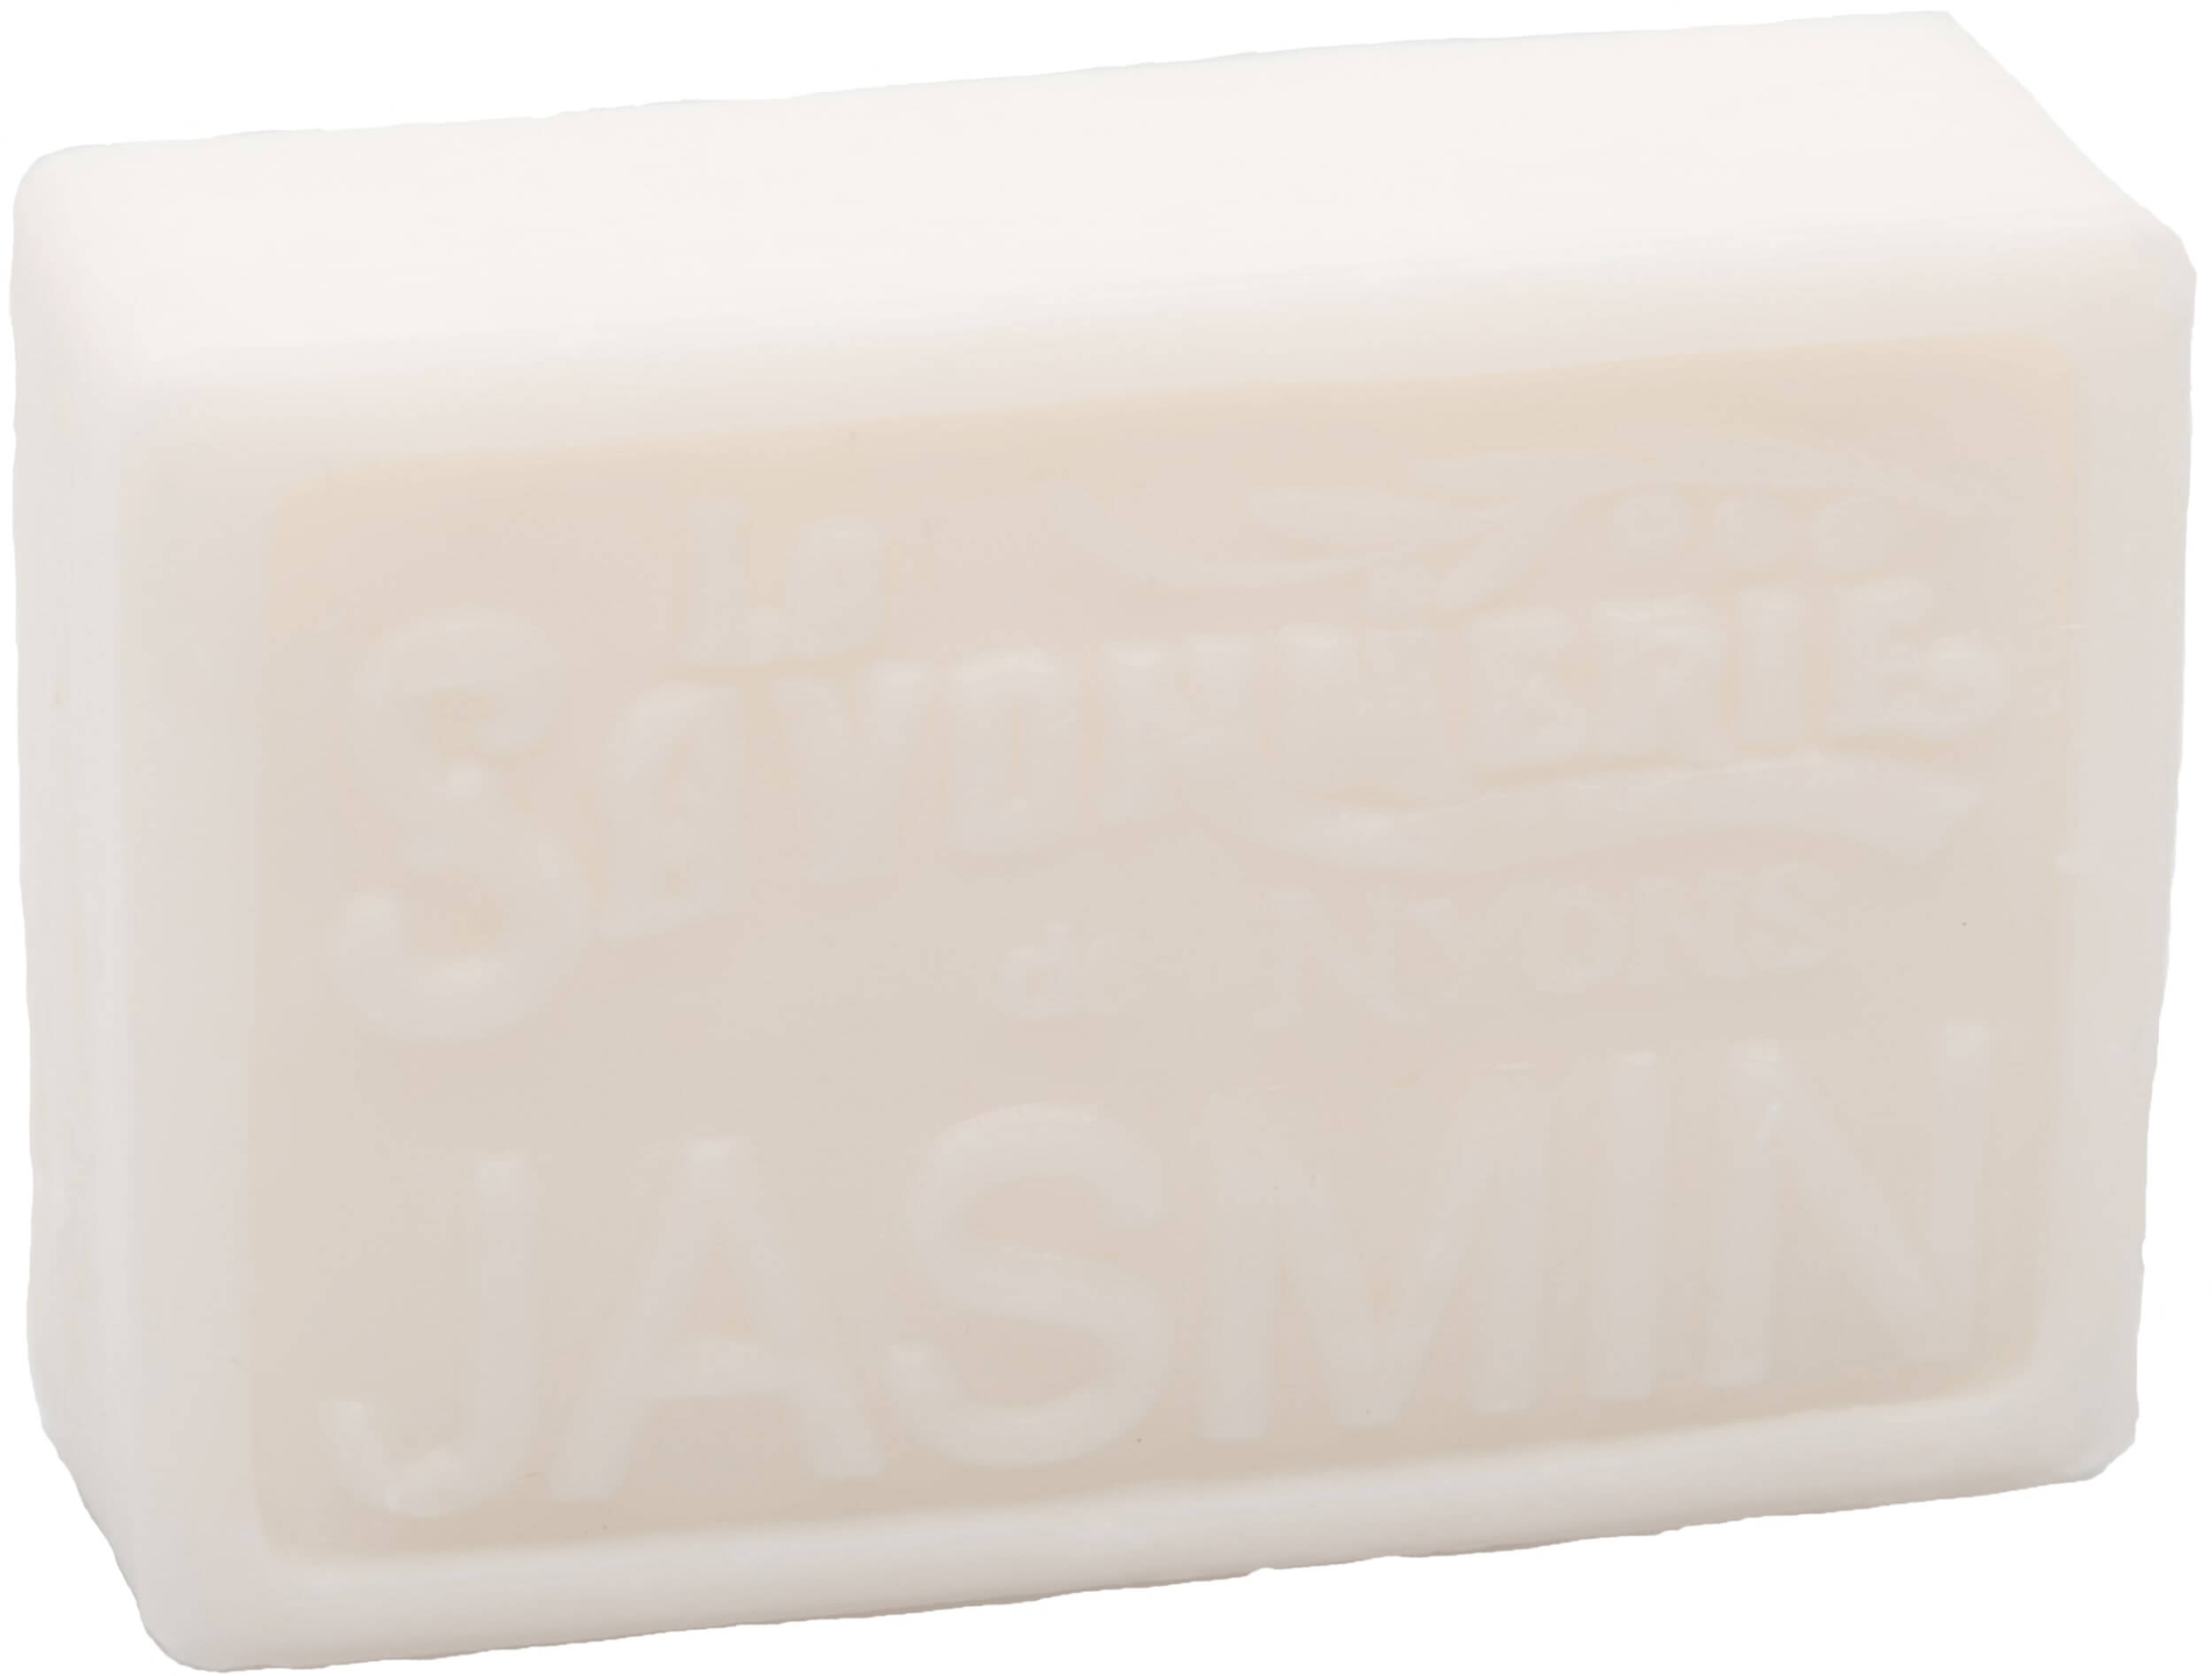 Seifen 100g - Jasmin